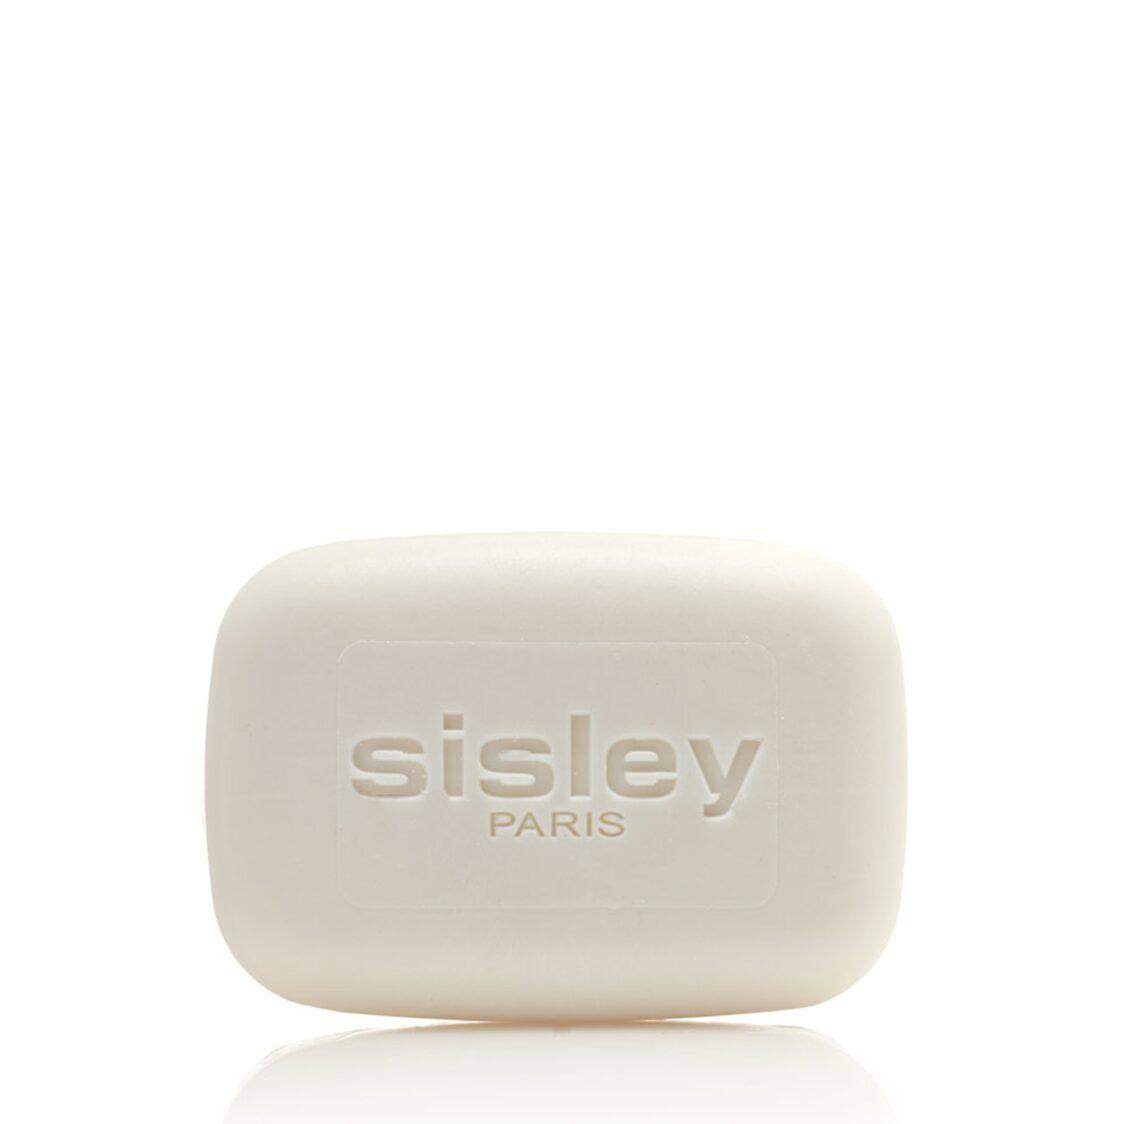 Sisley Soapless Facial Cleansing Bar